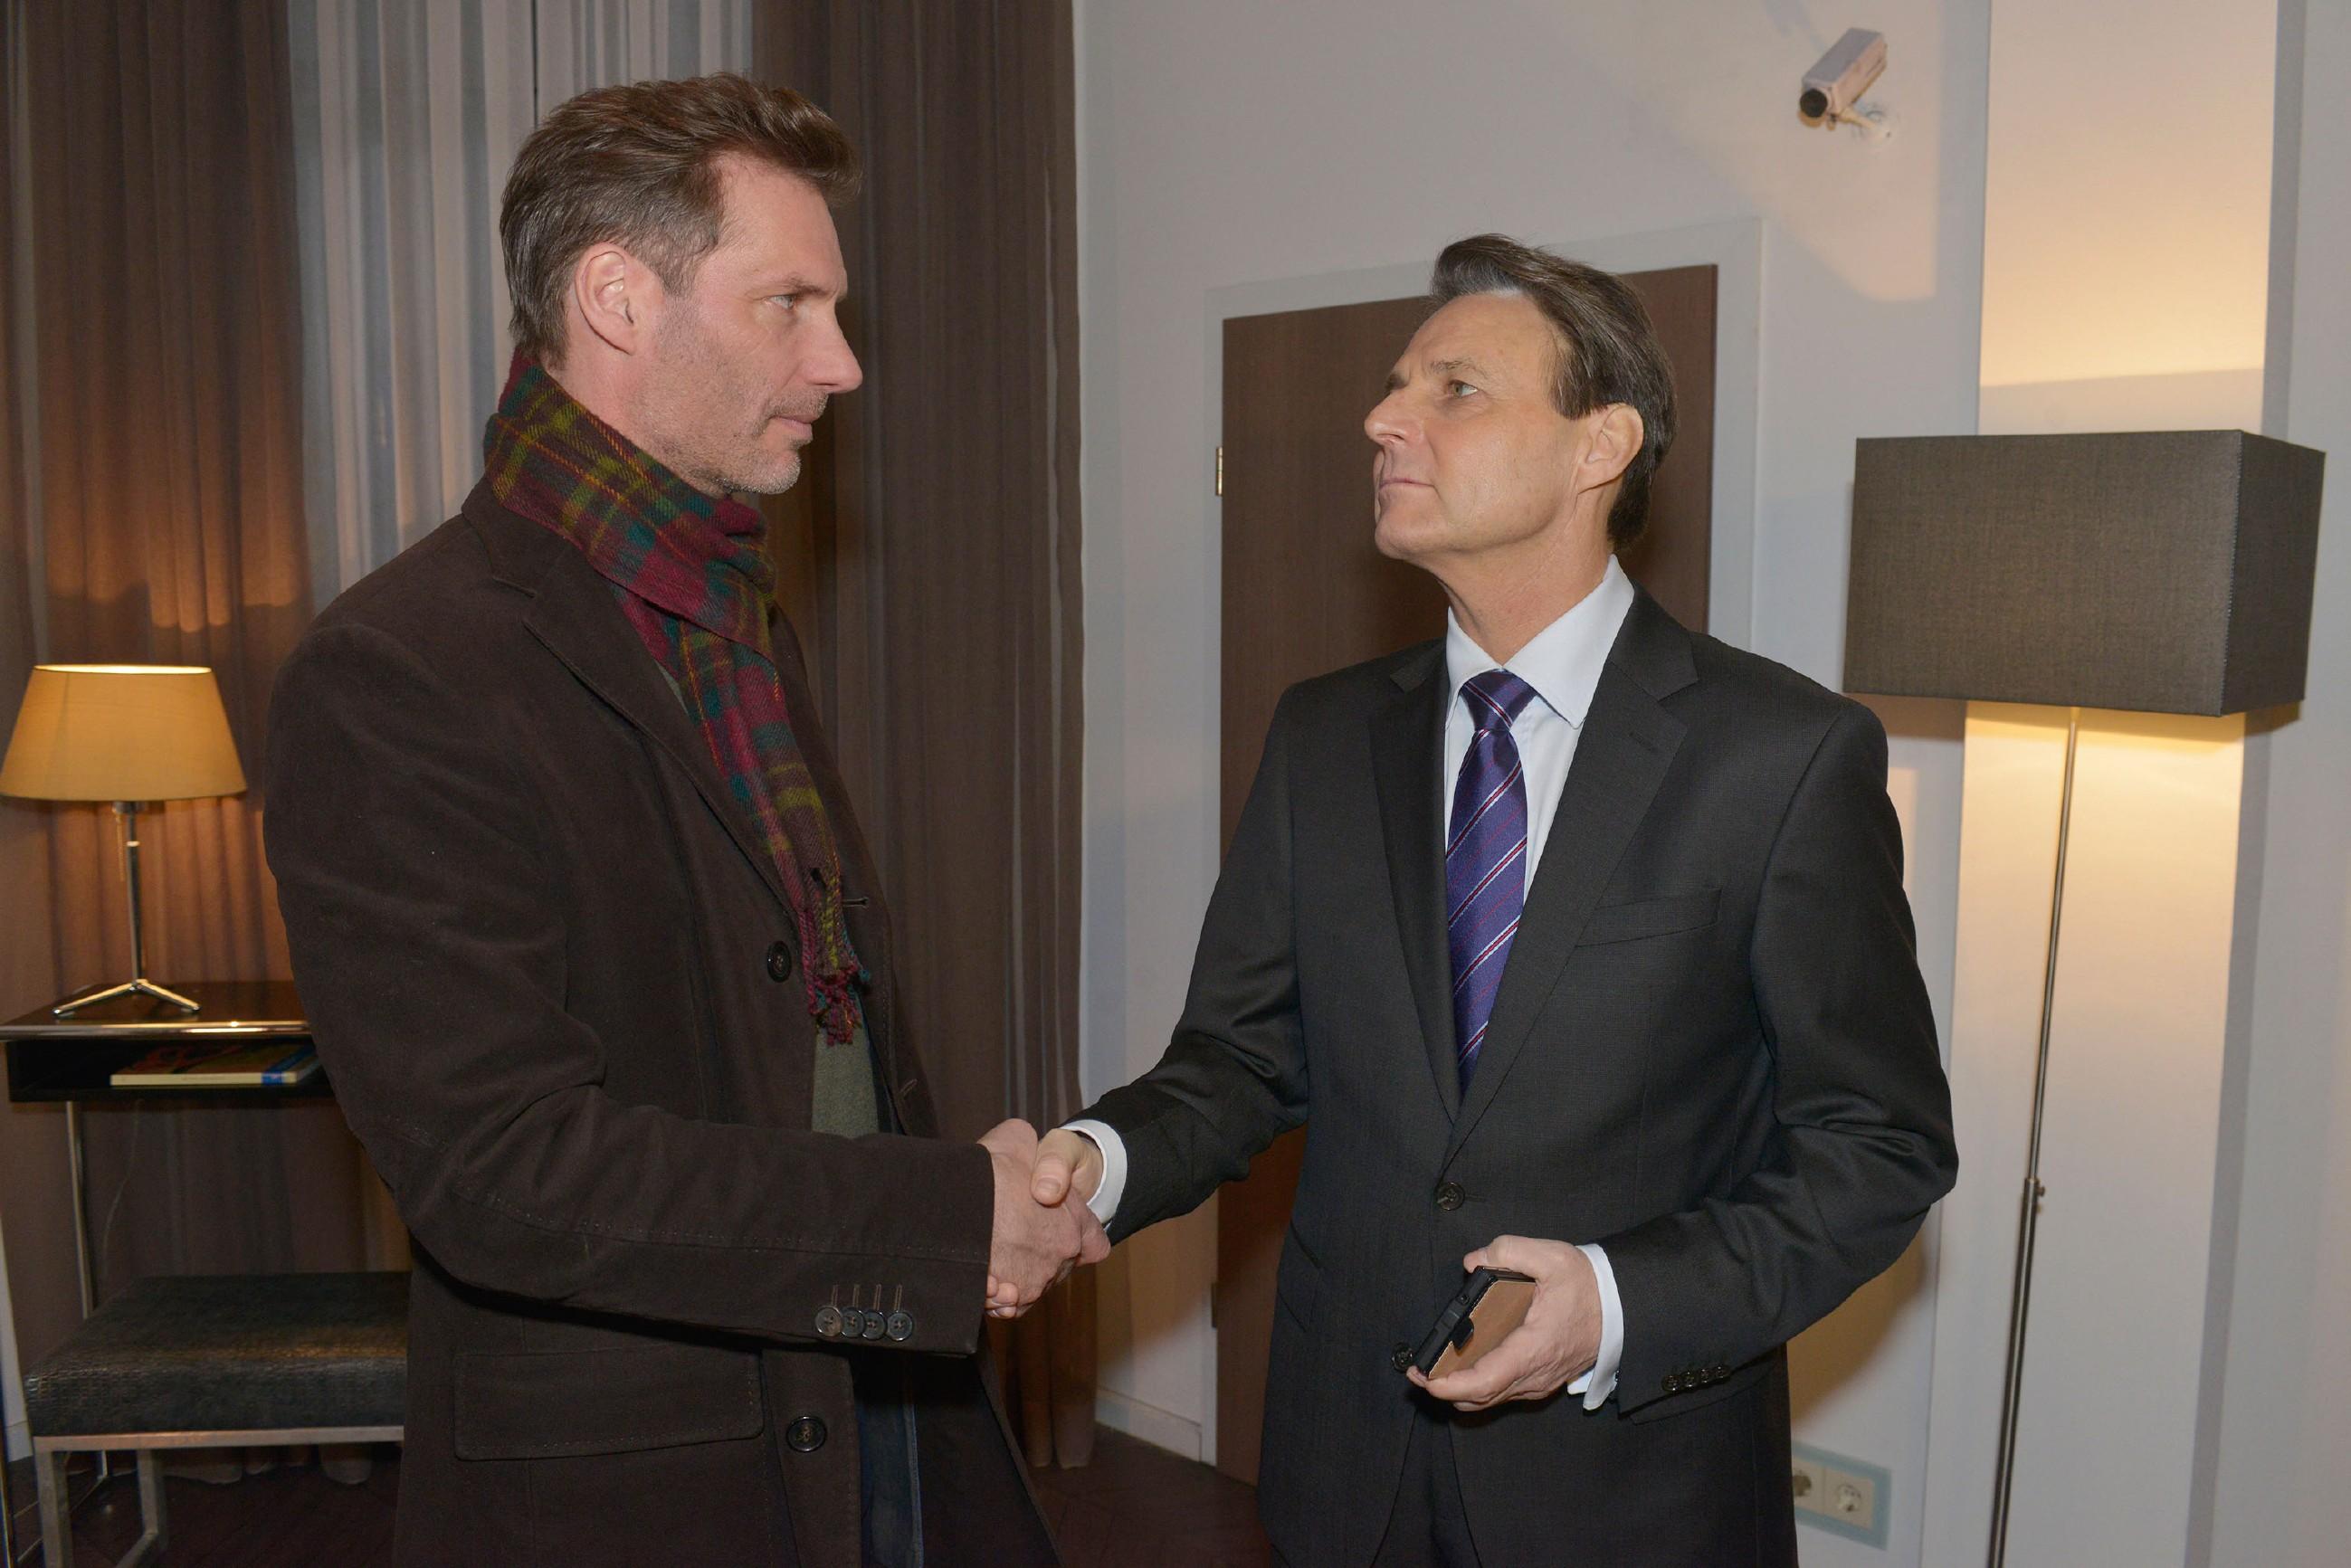 Während Gerner (Wolfgang Bahro, r.) glaubt, dass sein ehemaliger Freund und Mitarbeiter seine Lektion gelernt hat, geht Alexander (Clemens Löhr) nur scheinbar auf Gerner ein. (Quelle: RTL / Rolf Baumgartner)